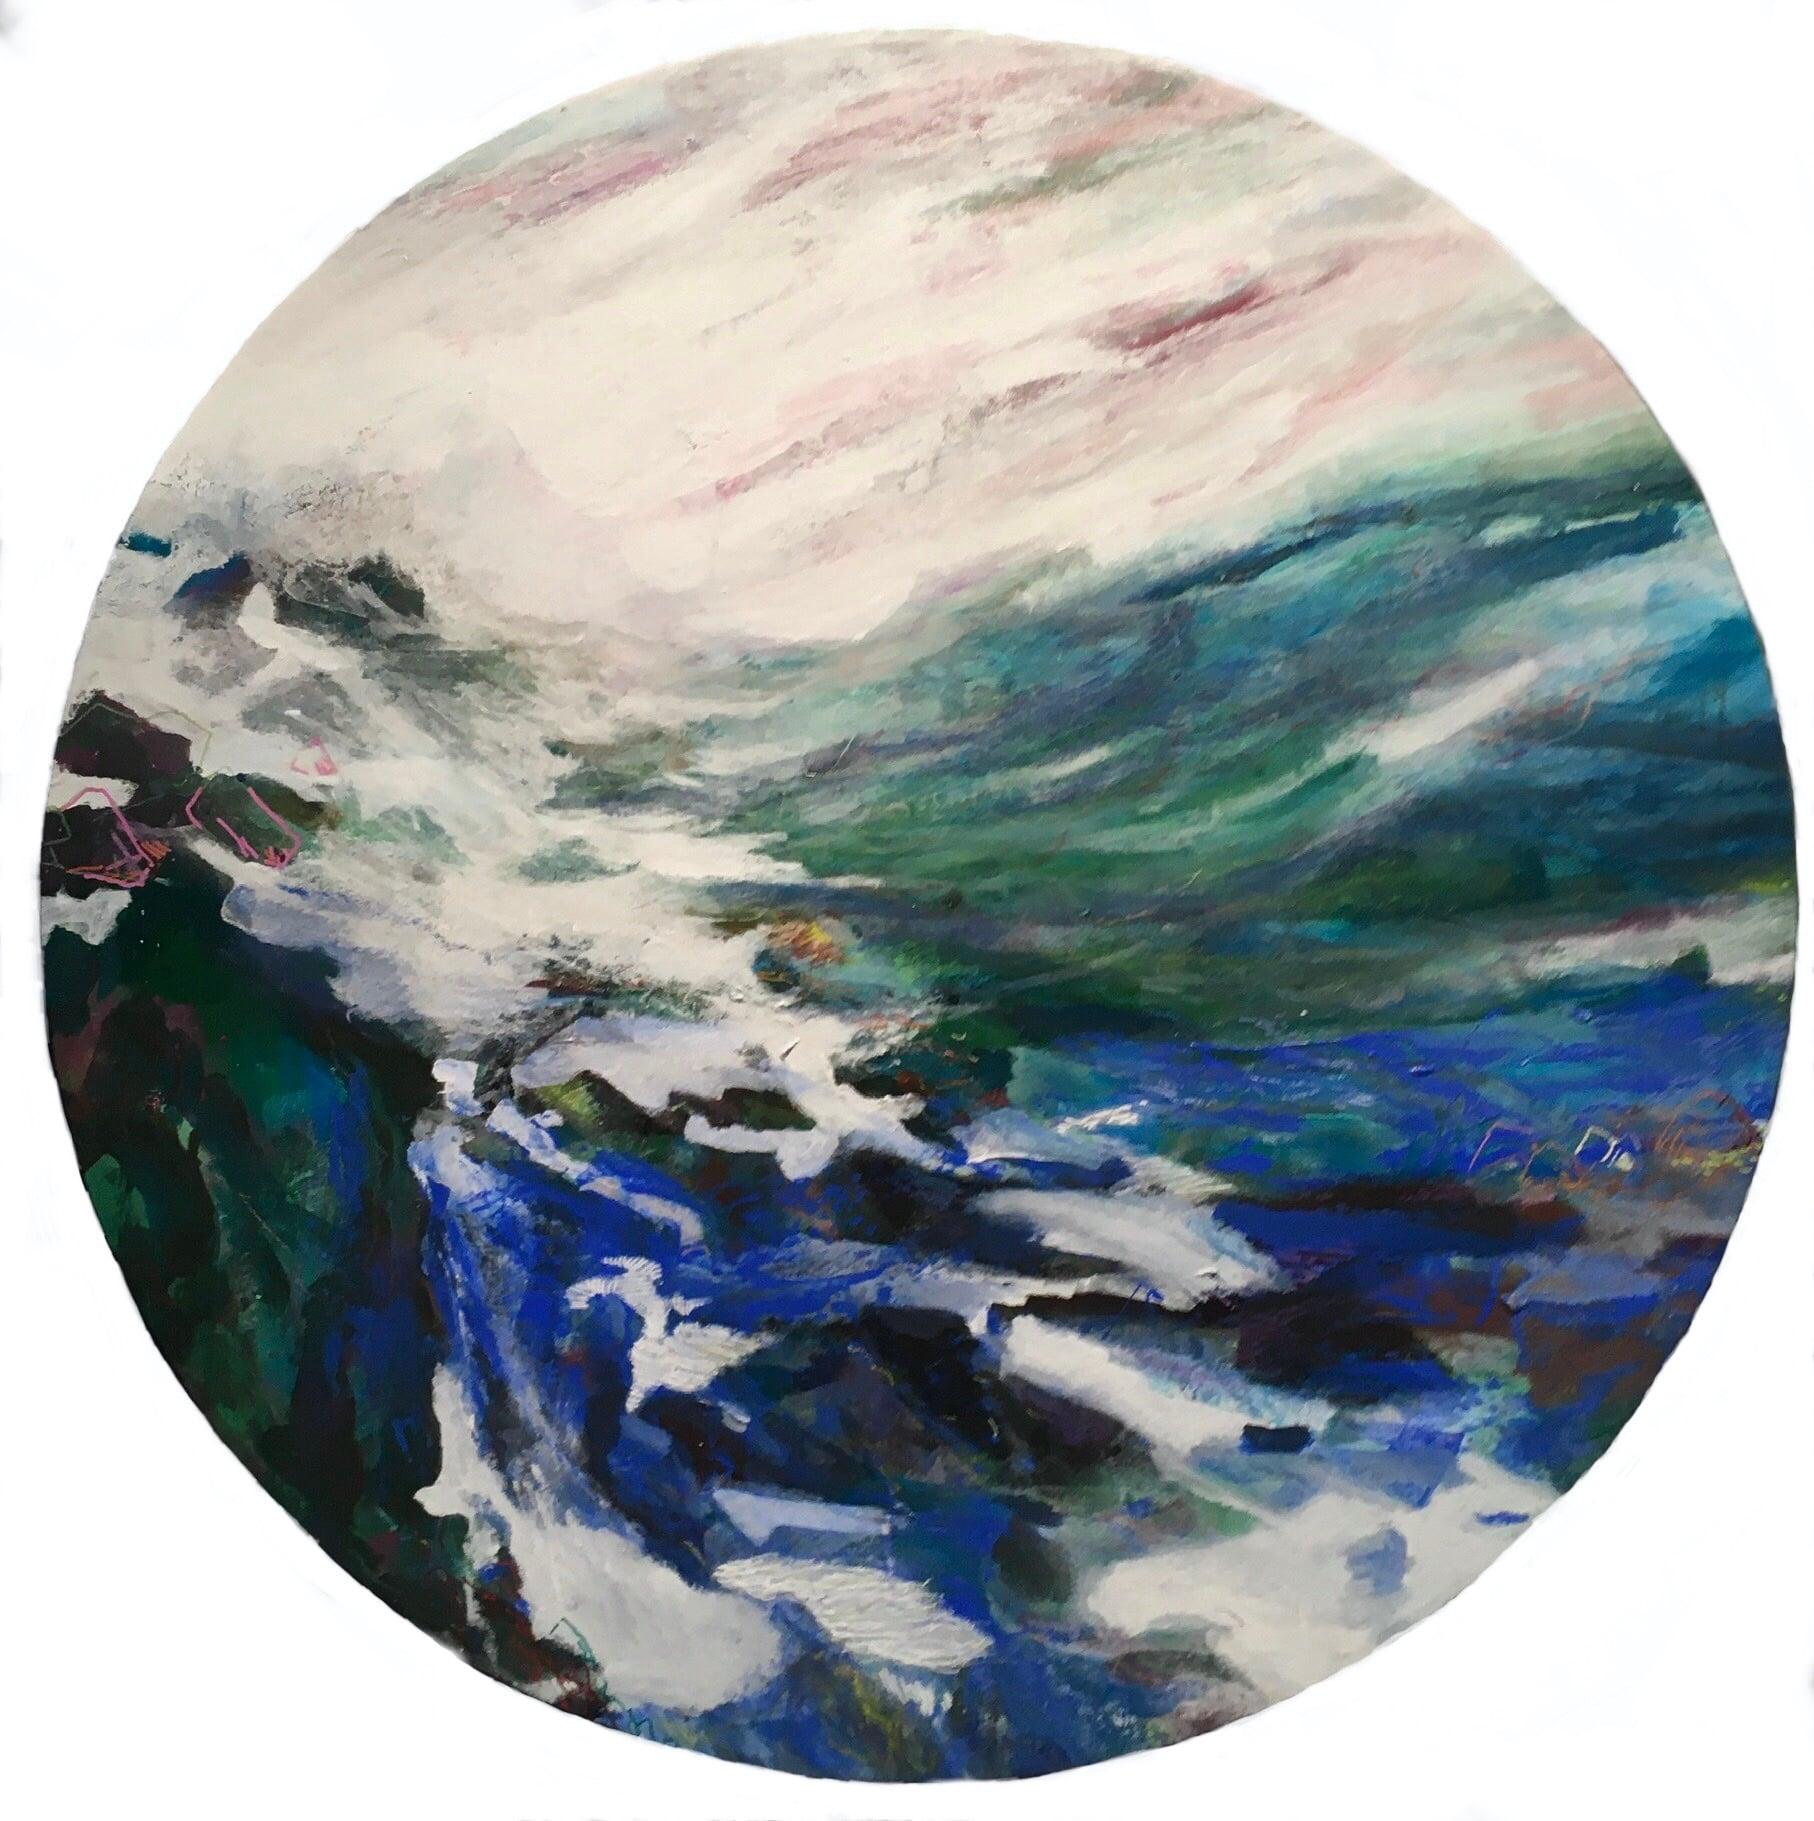 Acrylics on canvas, O/ 90cm, 2020